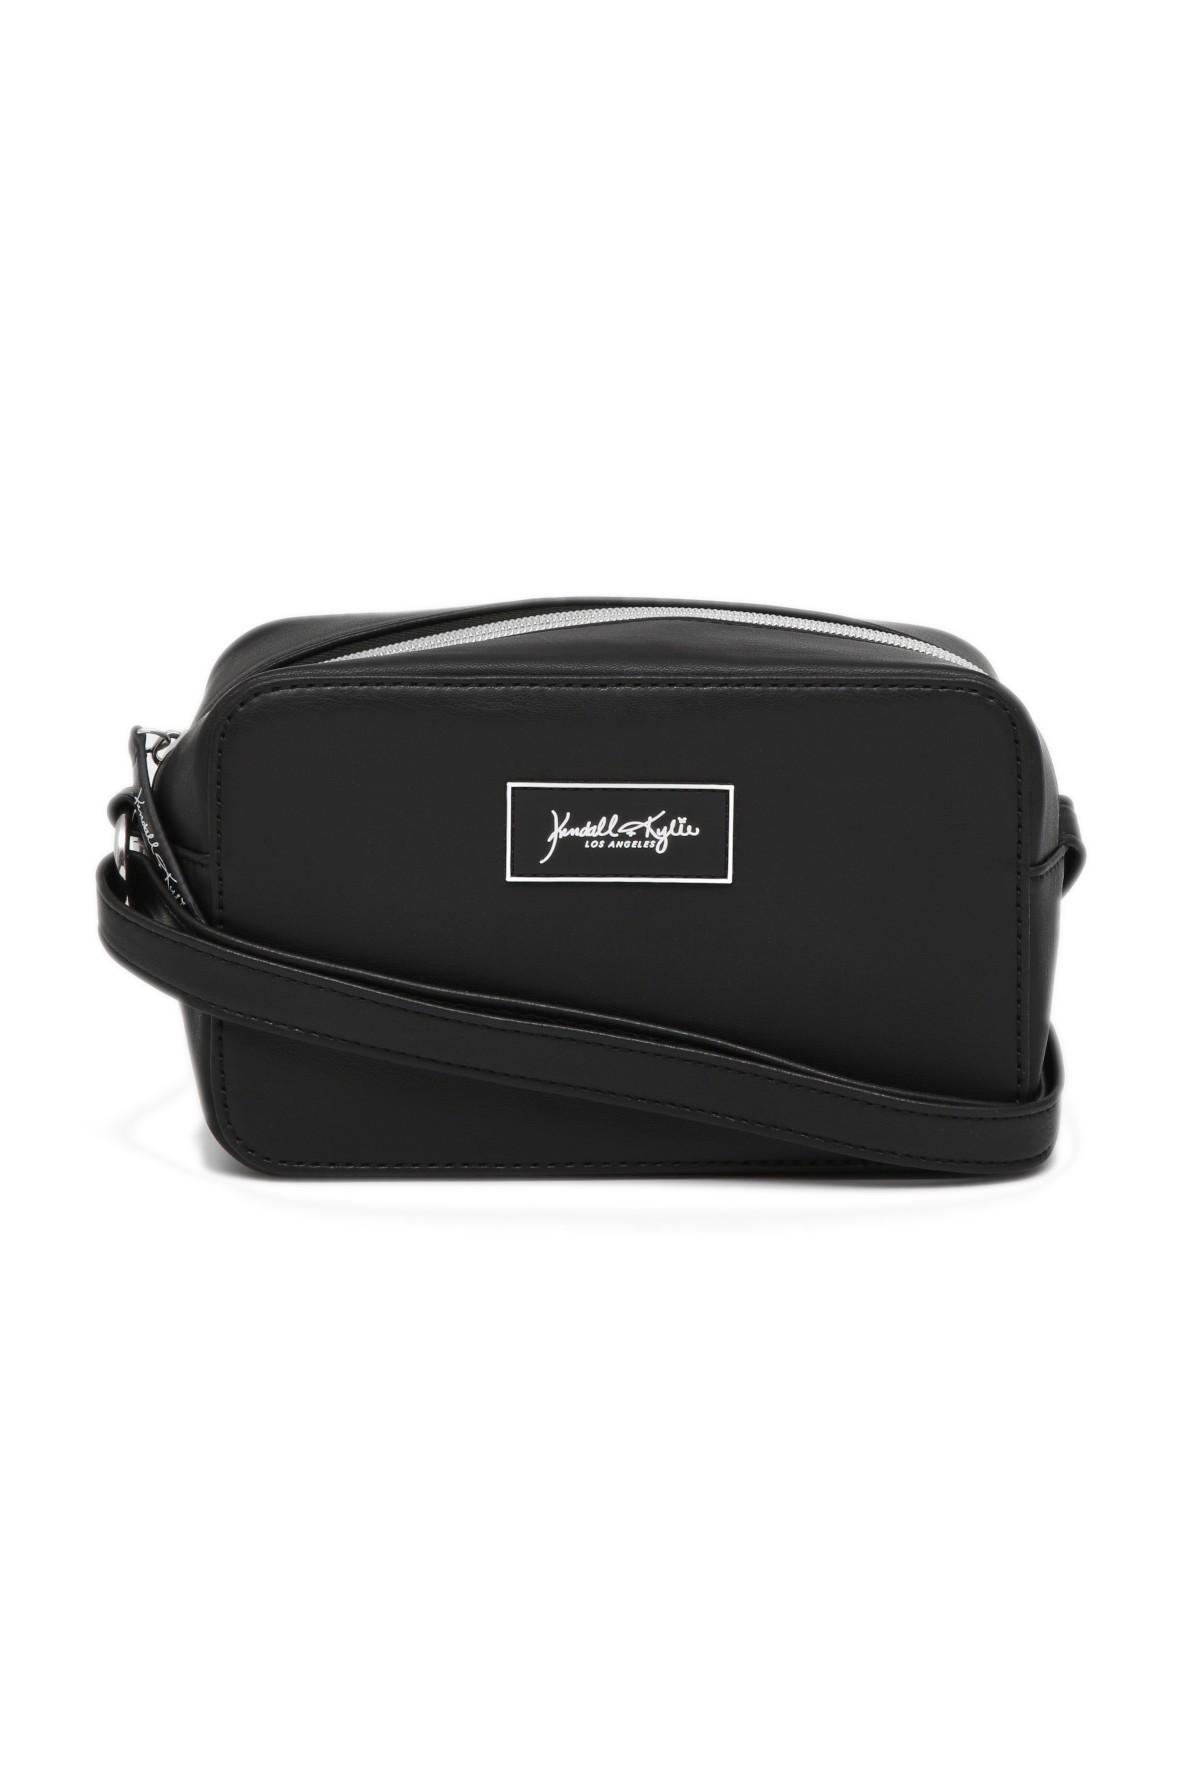 Czarna pudełkowa torebka na długim, regulowanym pasku